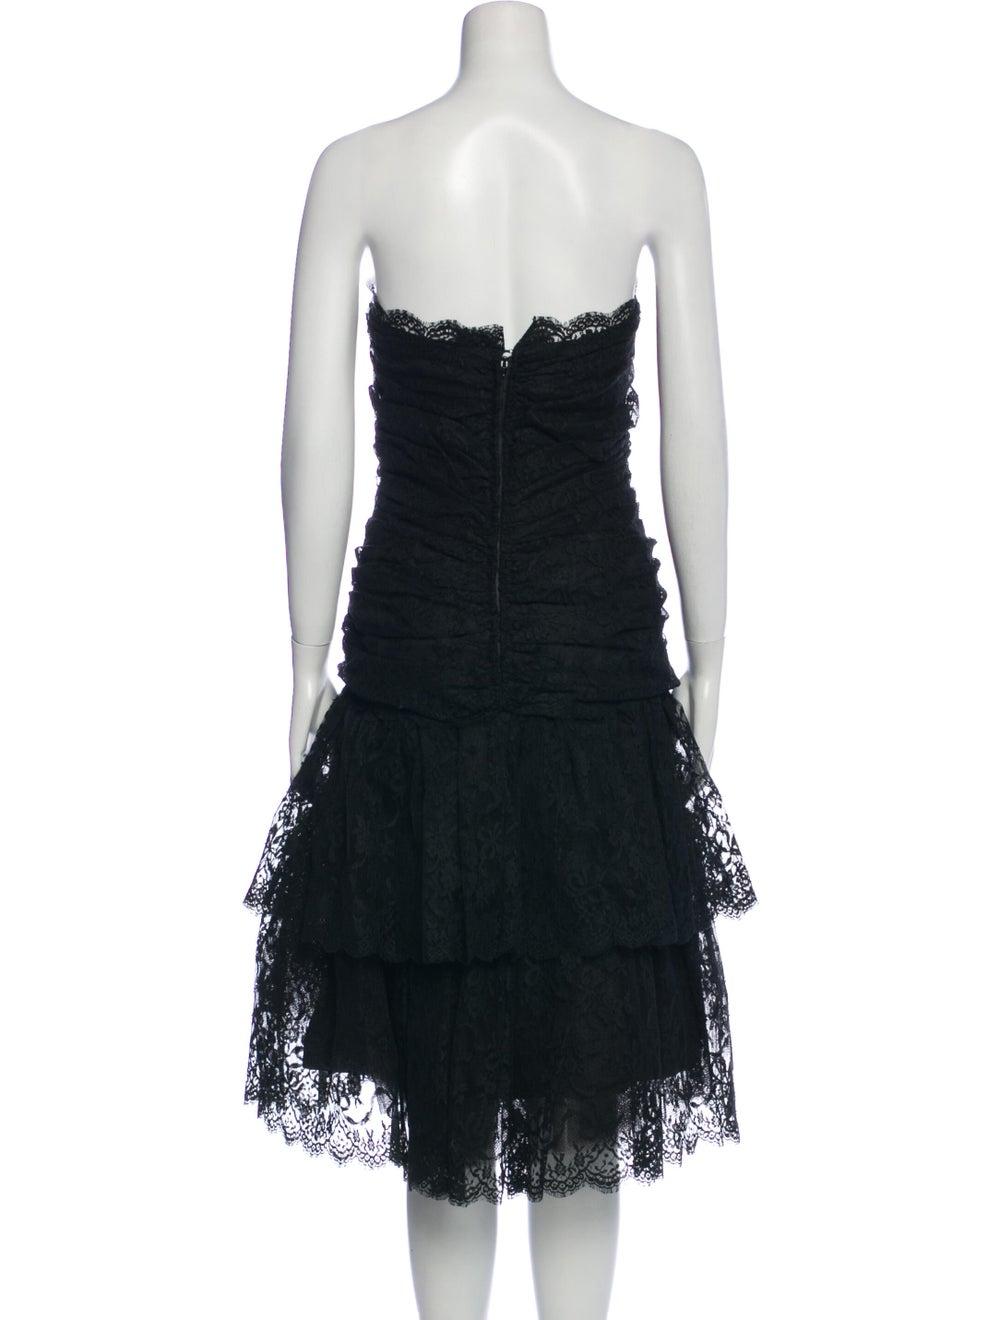 Arnold Scaasi Vintage Midi Length Dress Black - image 3